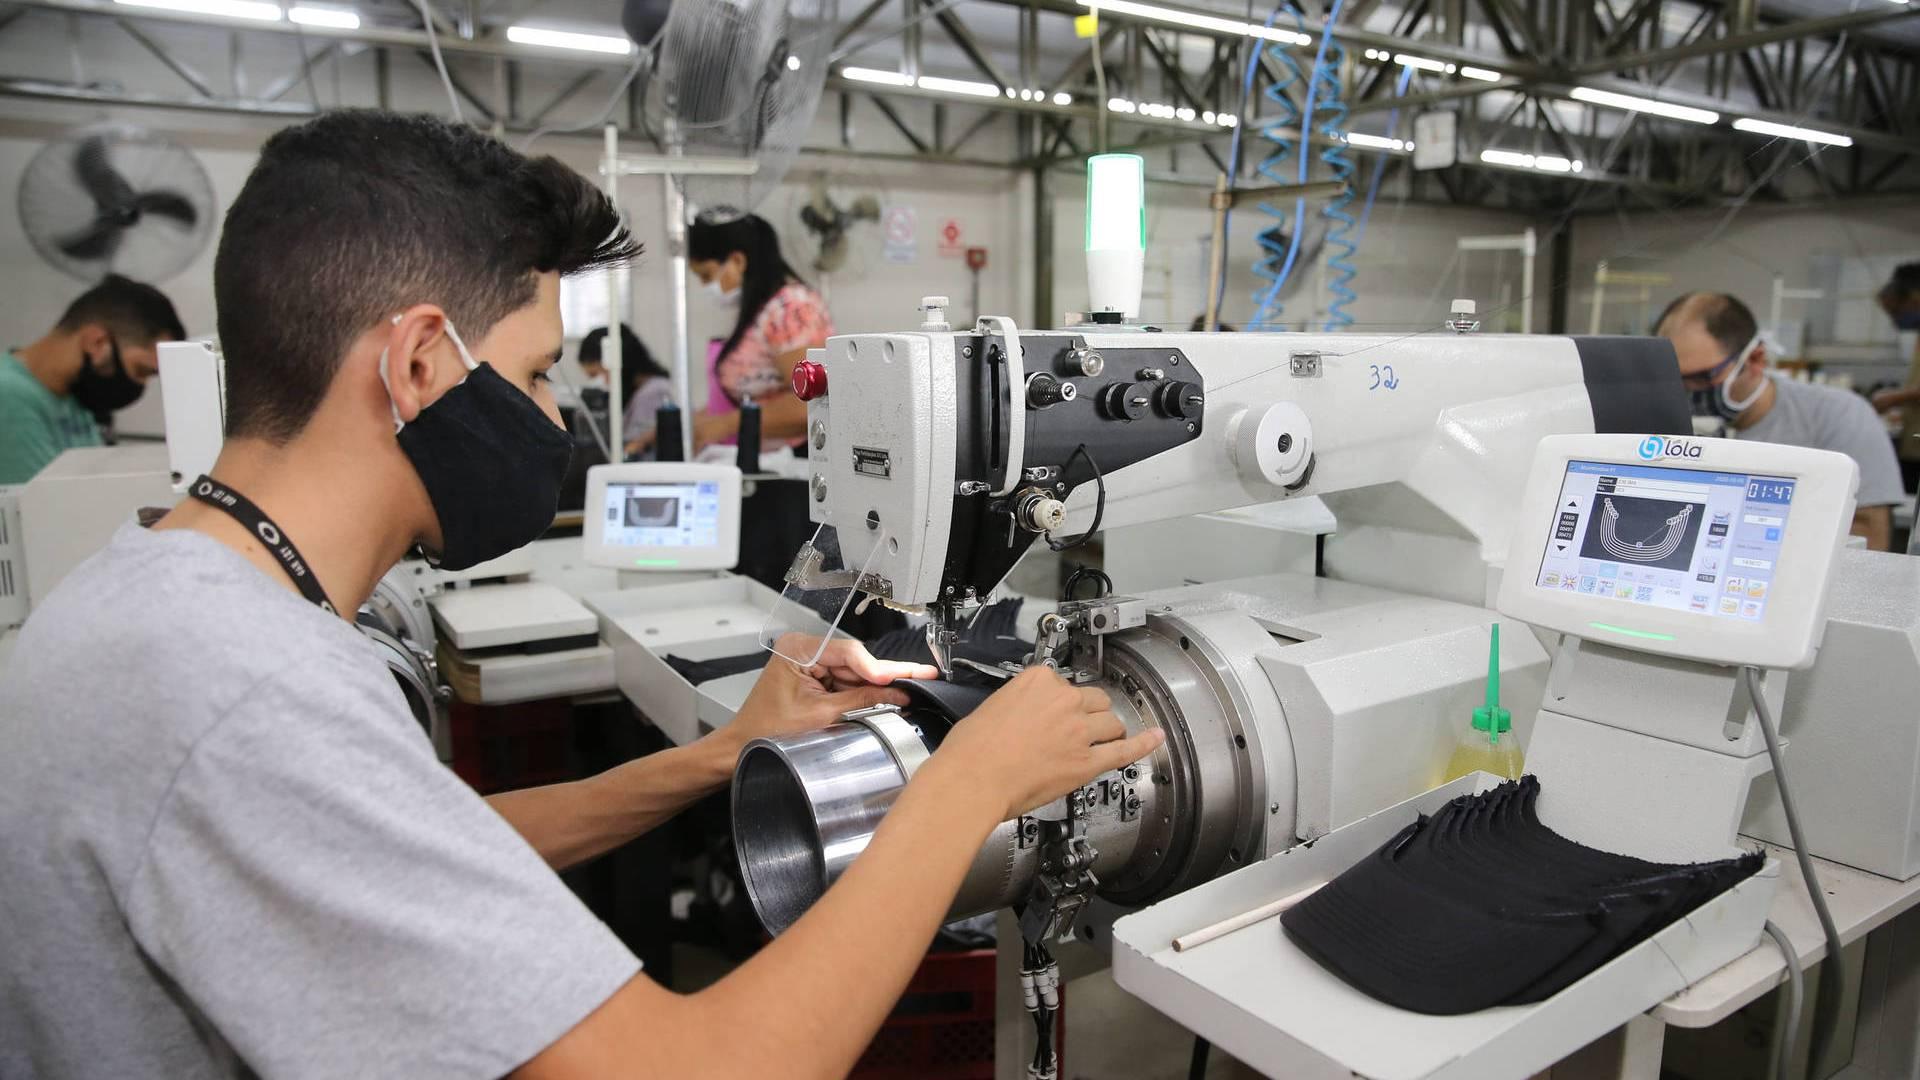 Indústria paranaense cresce 1,5% em agosto e mantém alta no ano, aponta IBGE